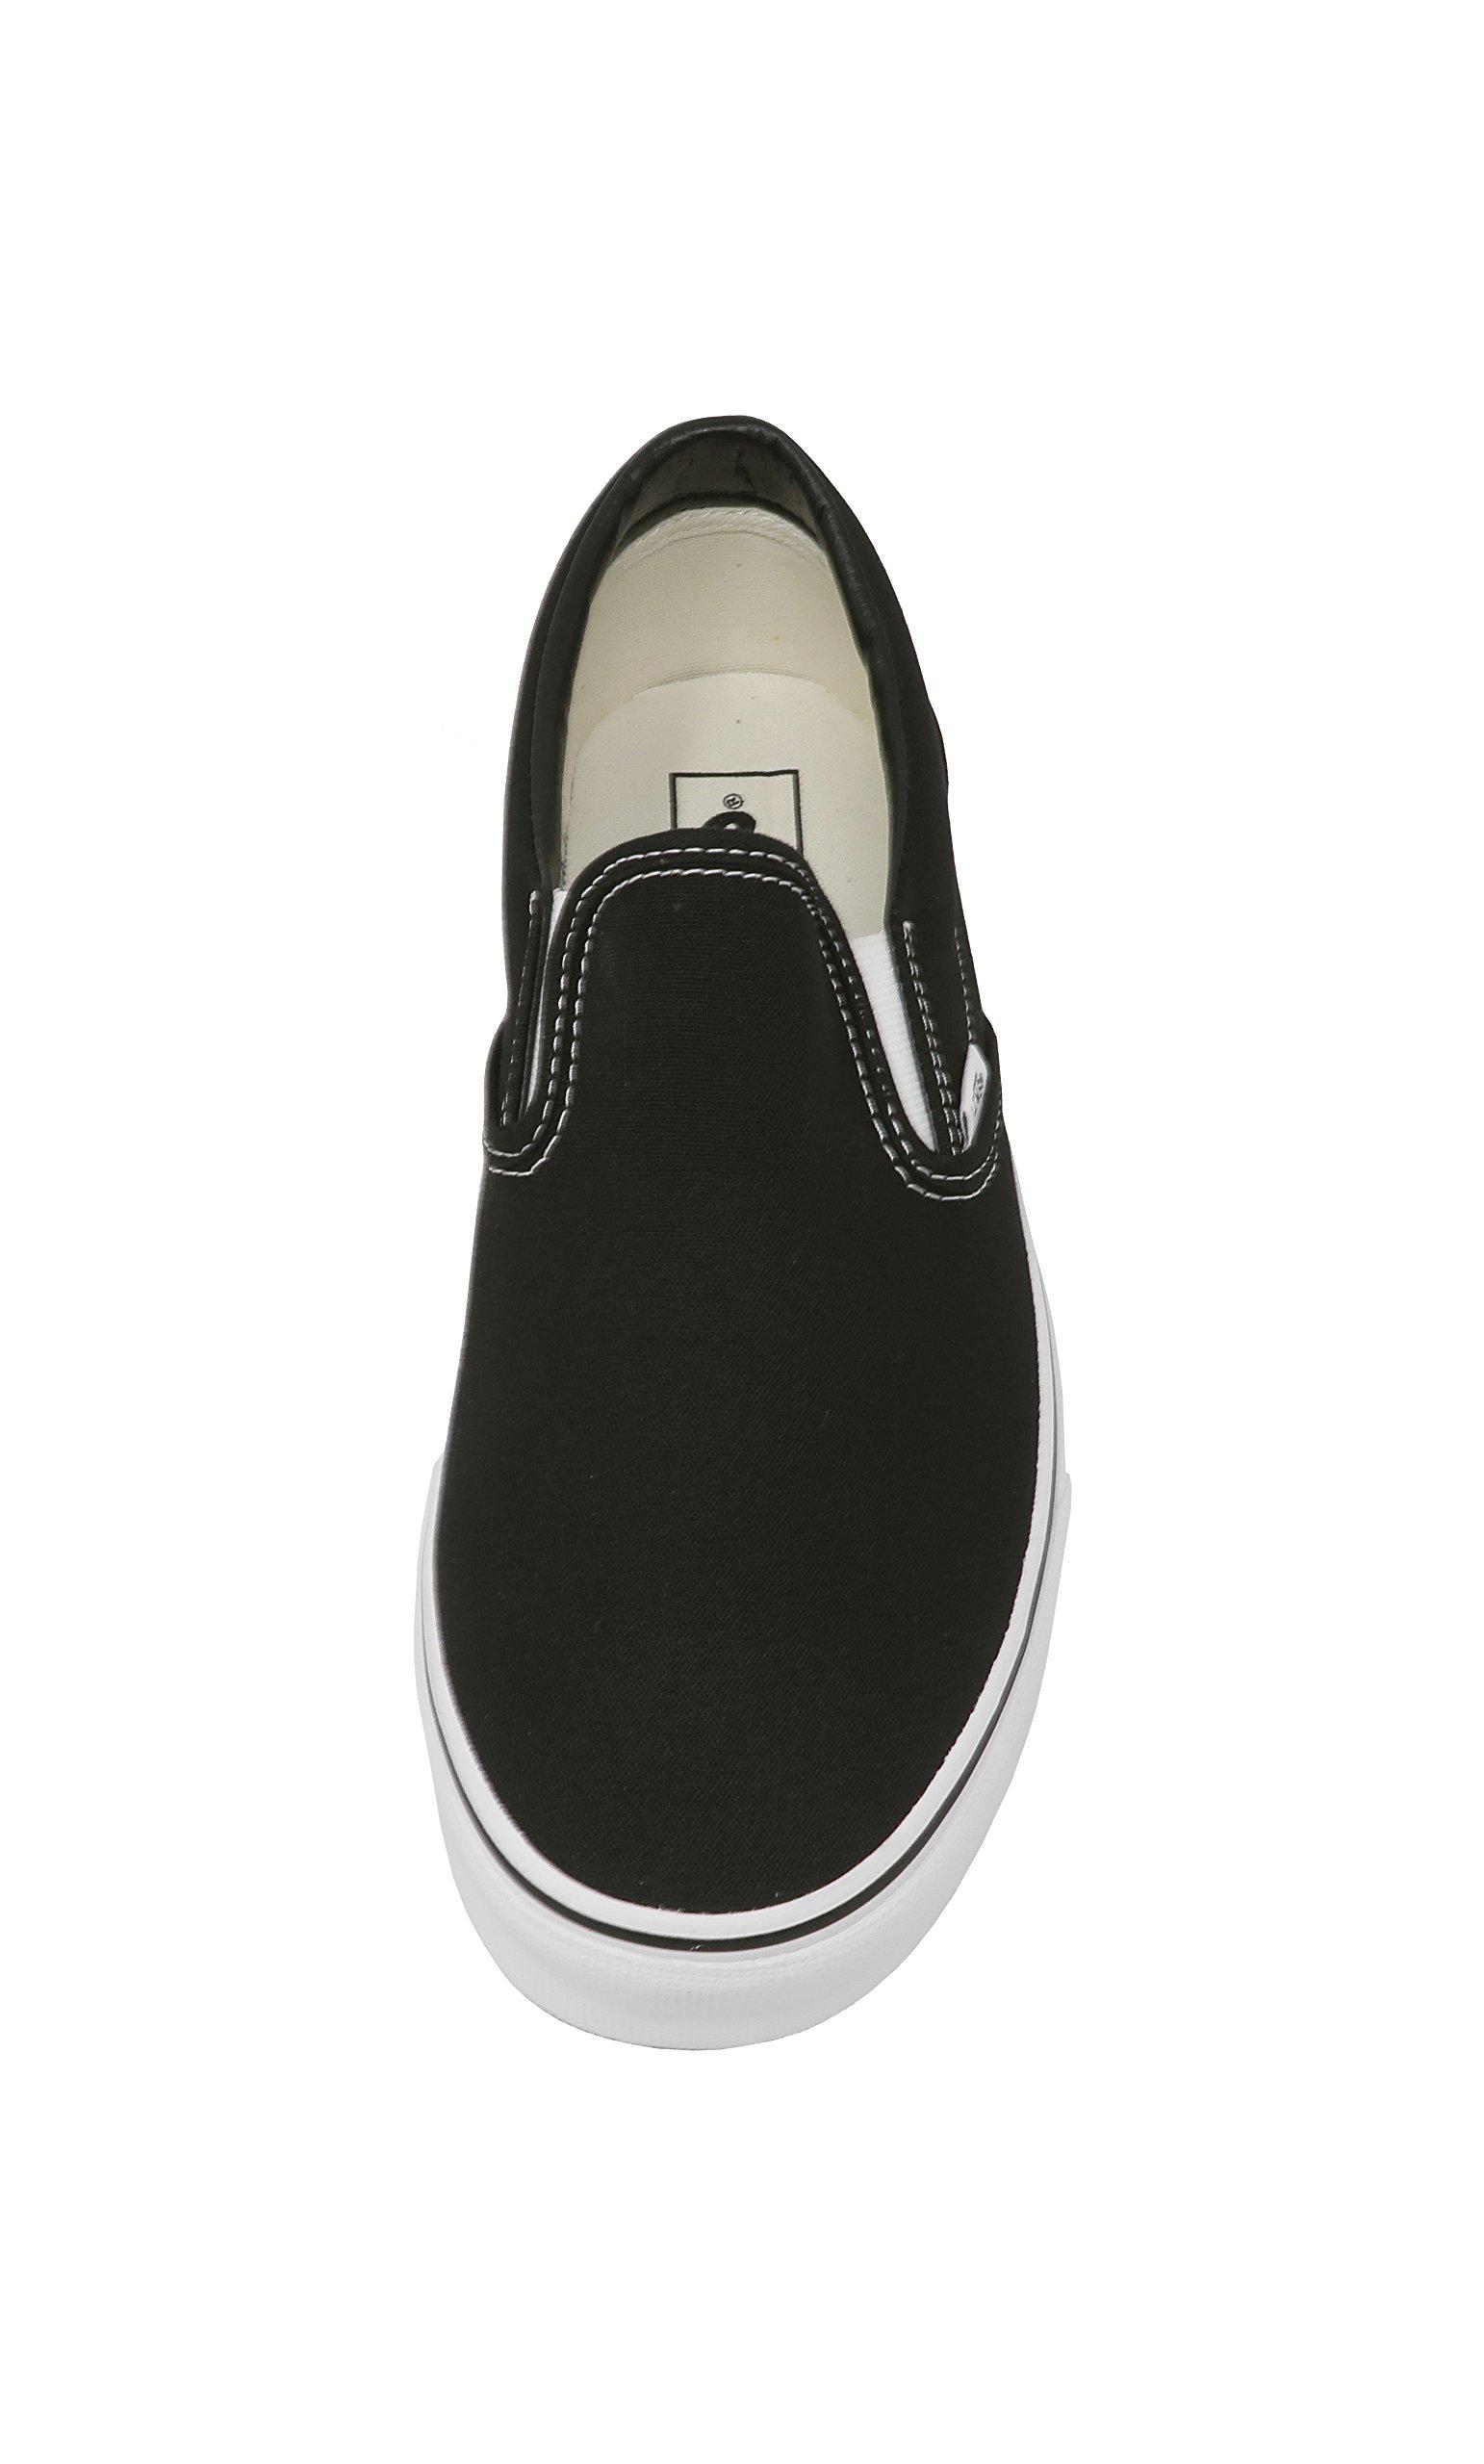 Vans U Classic Slip-On Skate Shoe Black 9.5 D(M) US by Vans (Image #4)